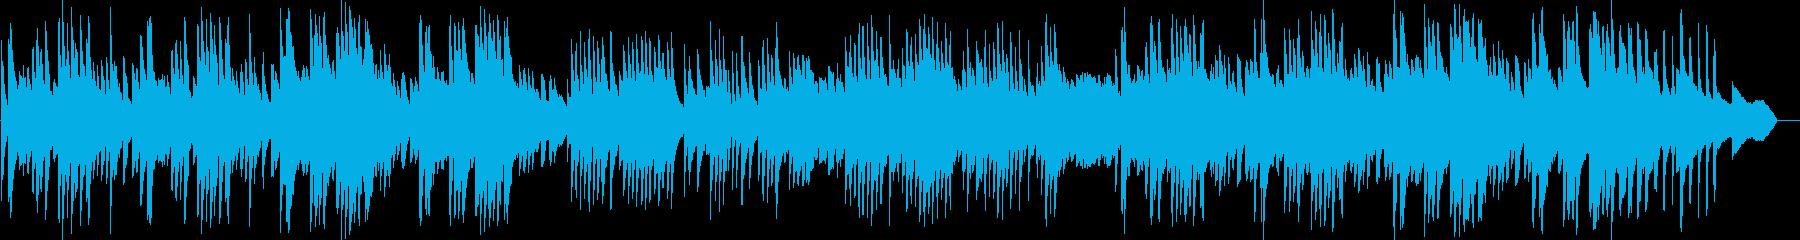 切なくも爽やかなリラックスピアノBGMの再生済みの波形